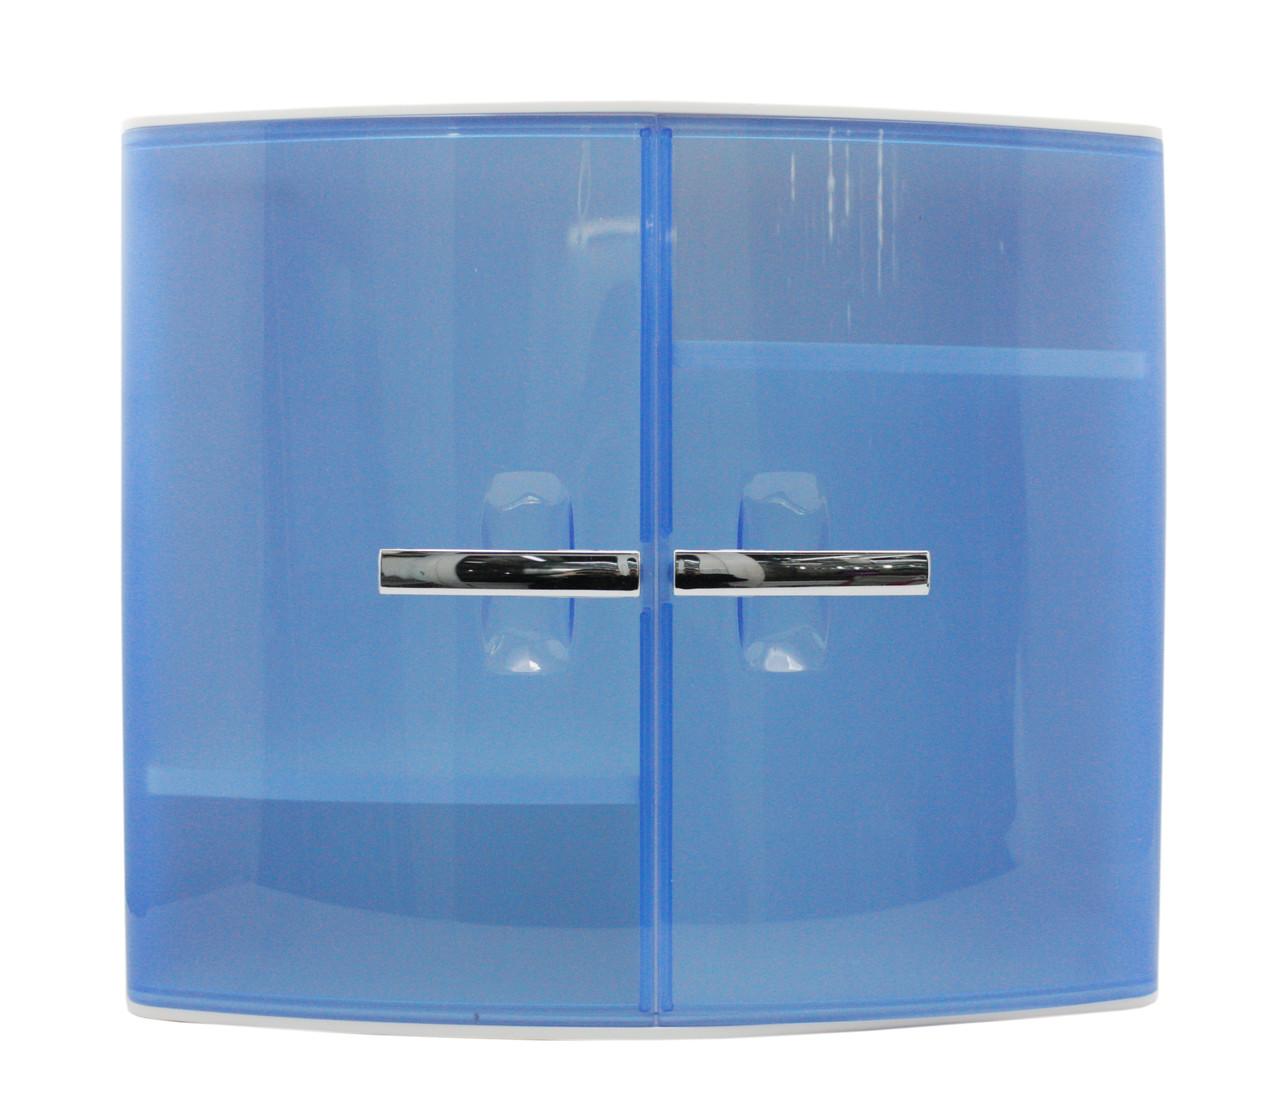 Шкафчик для ванной голубого цвета, АБС пластик